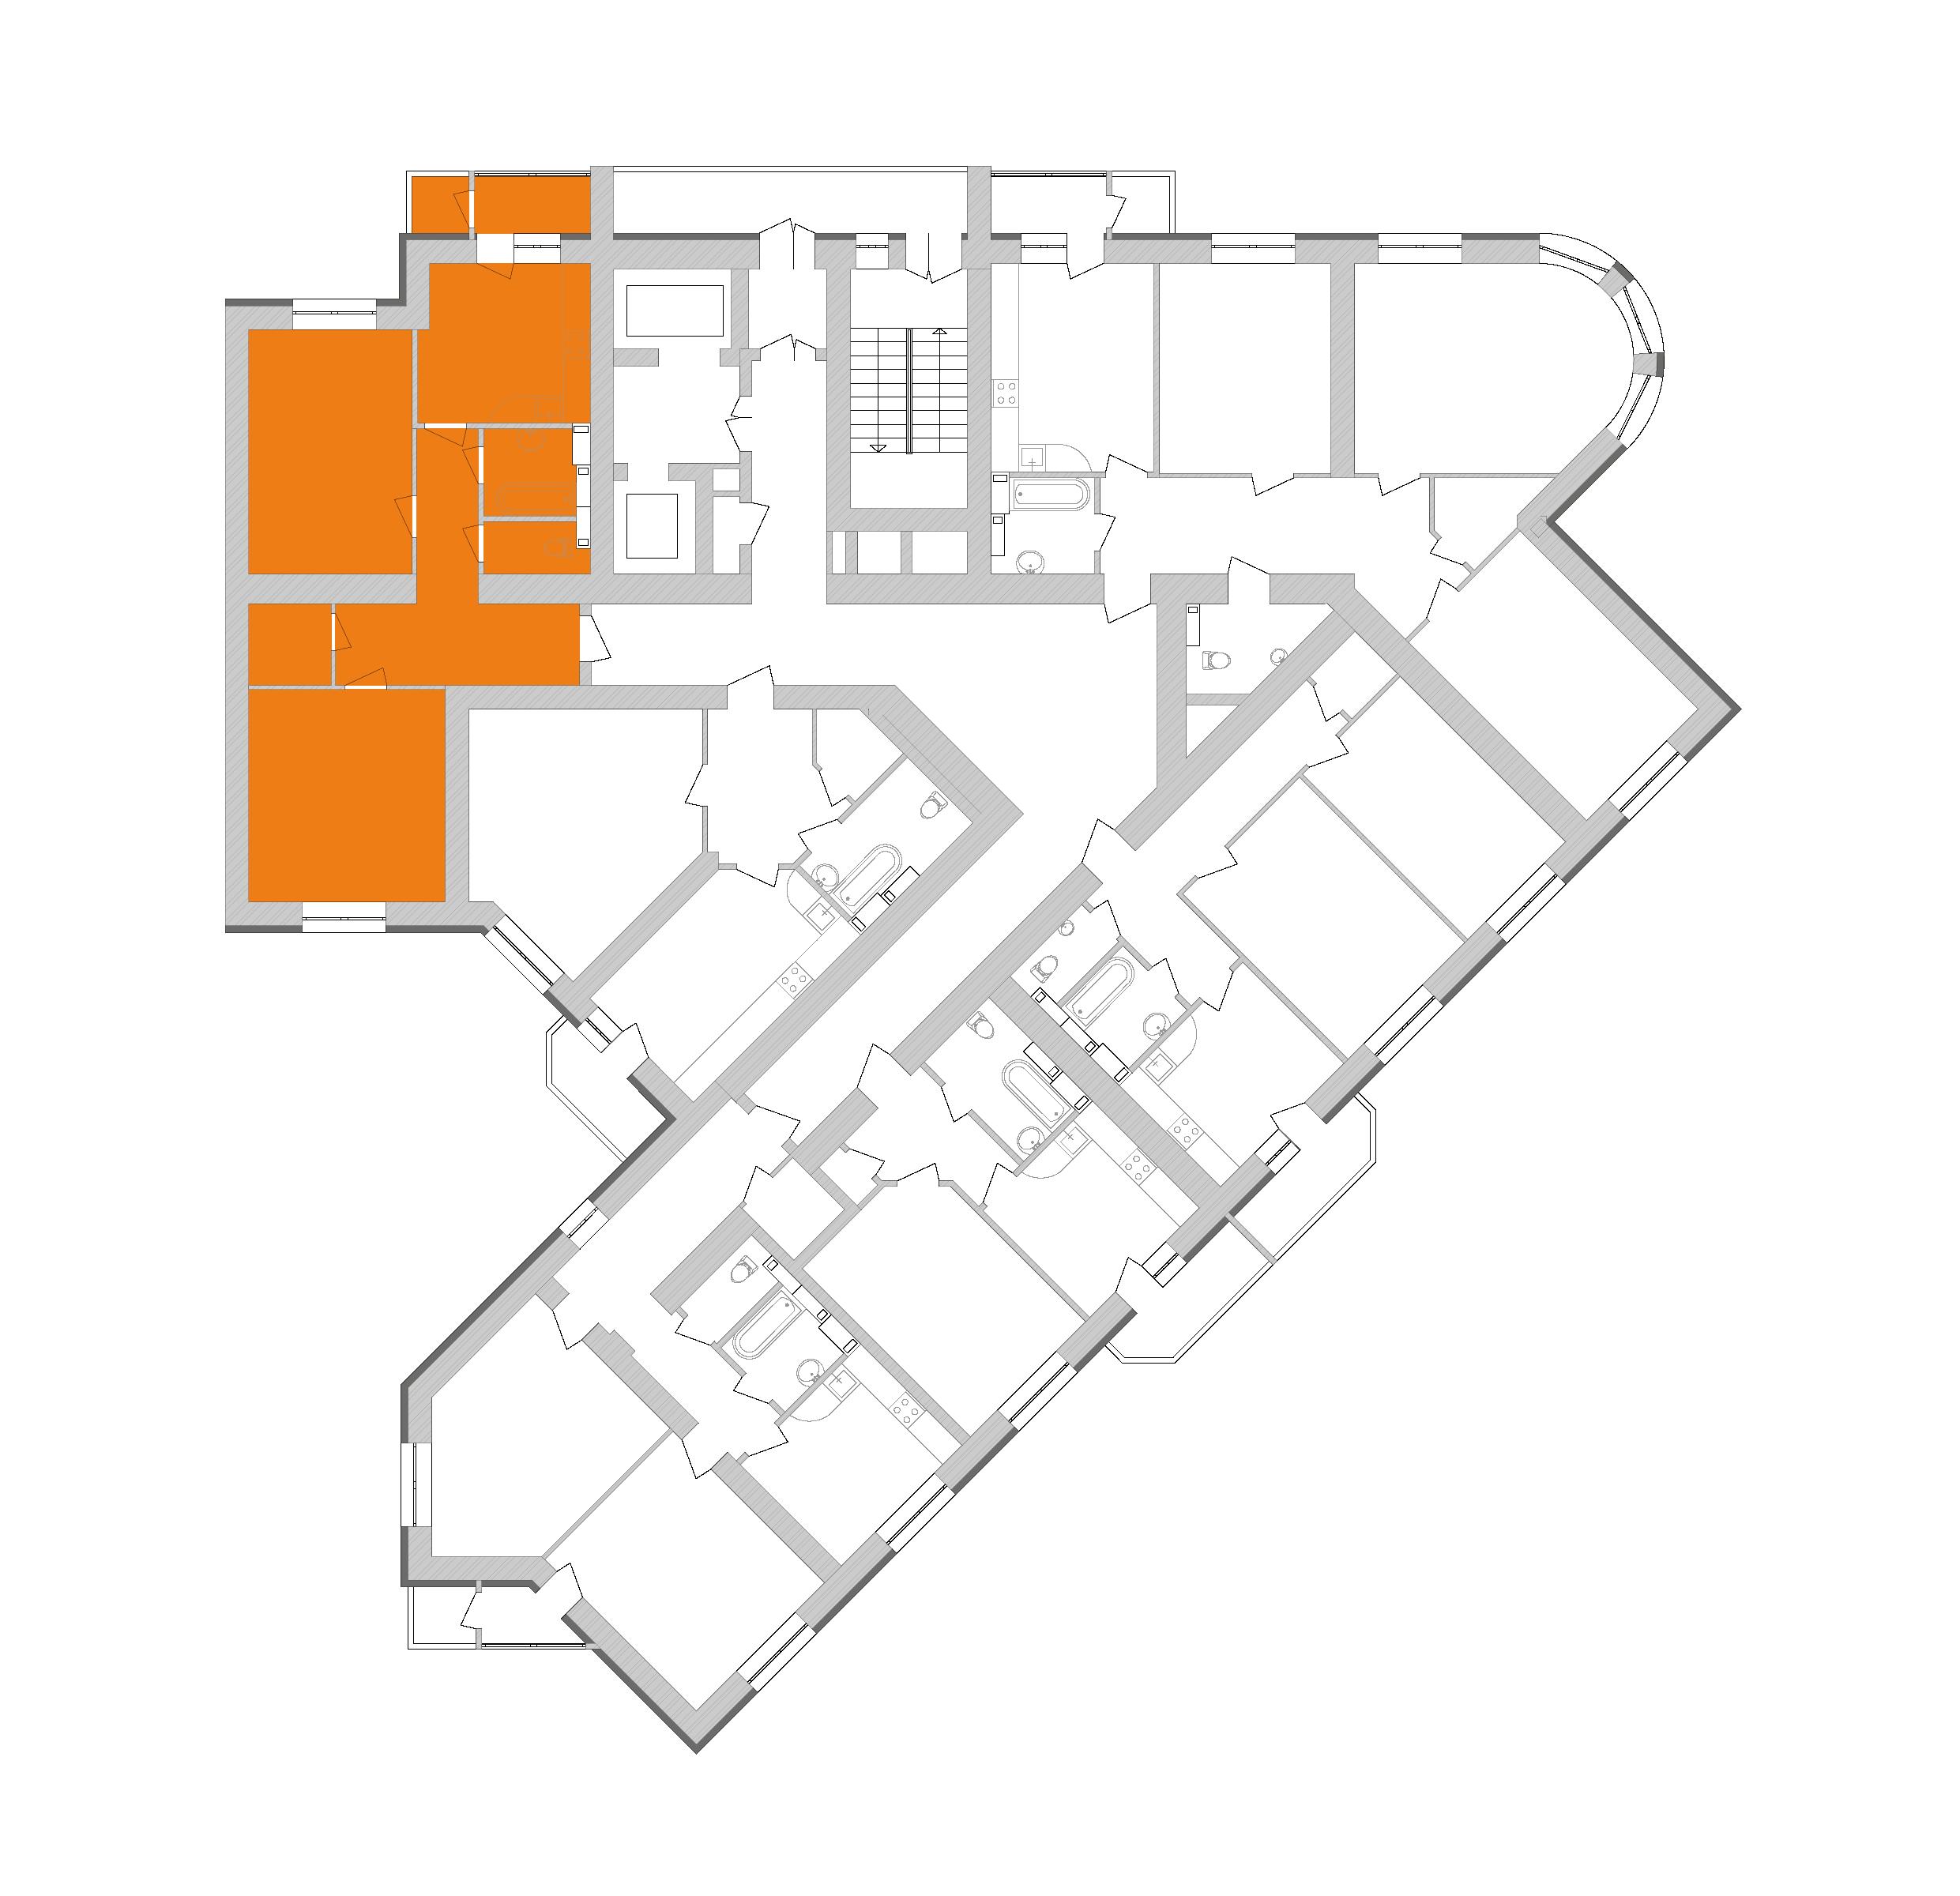 Двухкомнатная квартира 77 кв.м., тип 2.6, дом 1, секция 9 расположение на этаже